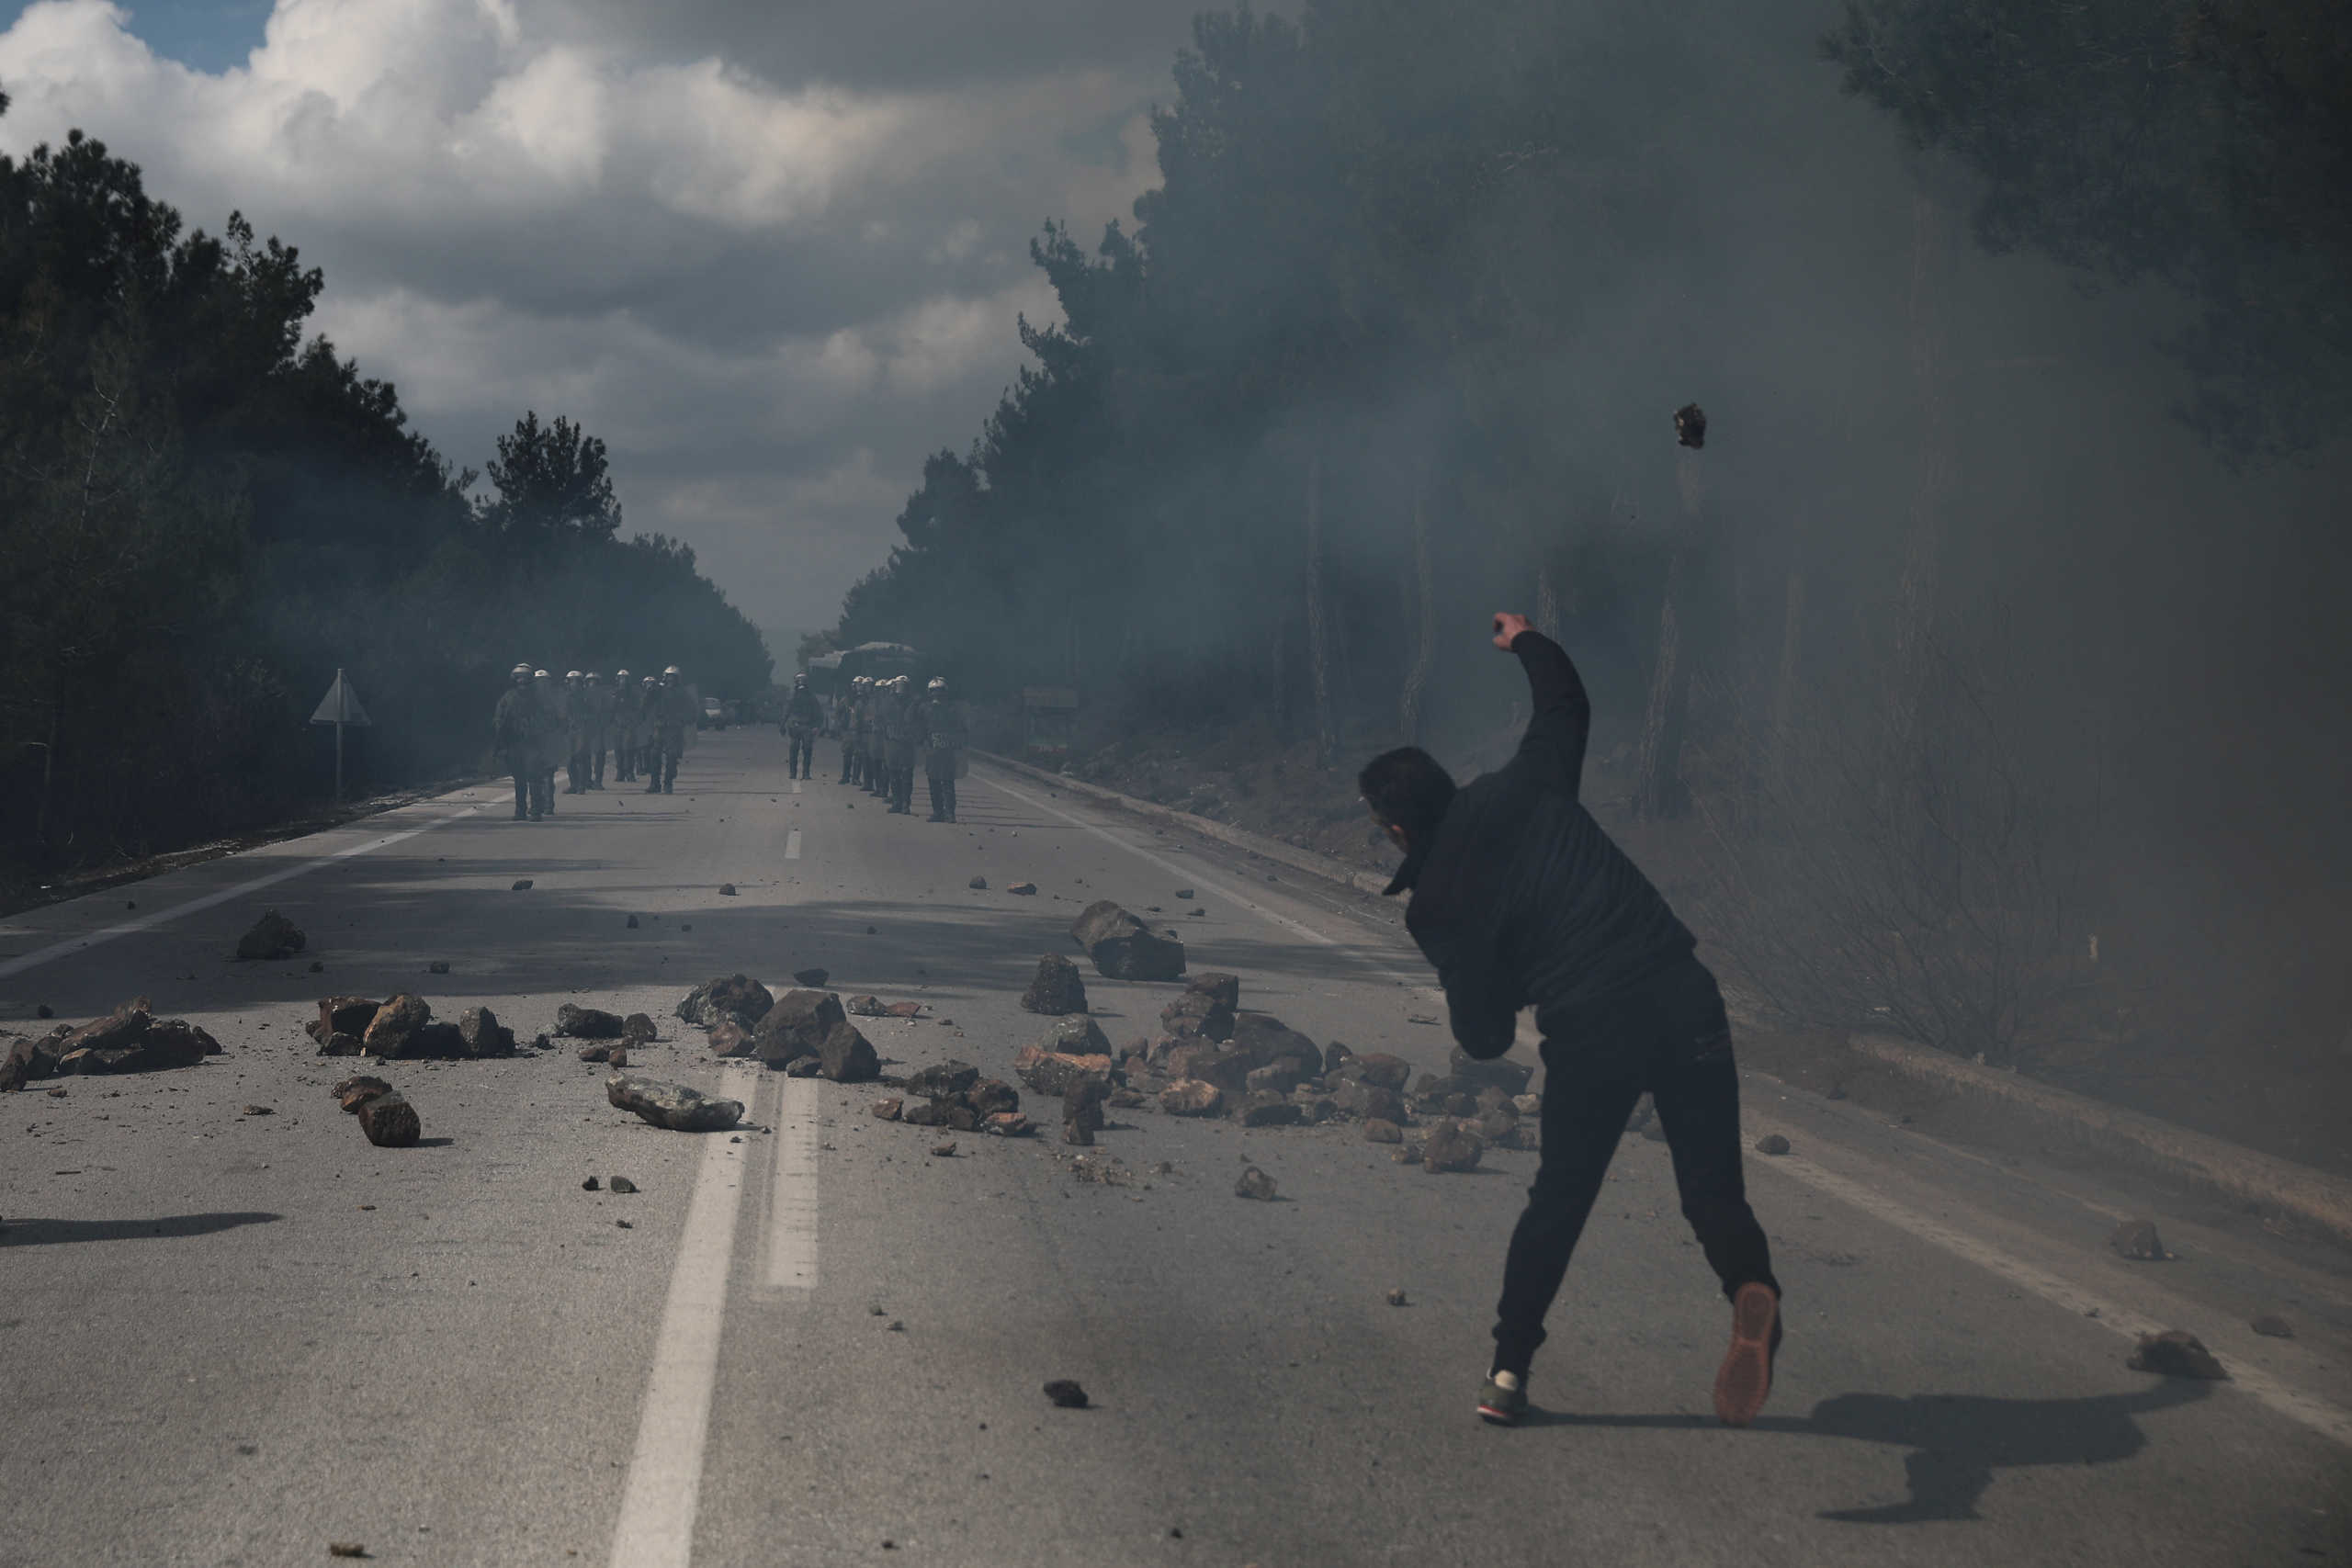 Λέσβος: Νέα σοβαρά επεισόδια για τα κλειστά κέντρα!